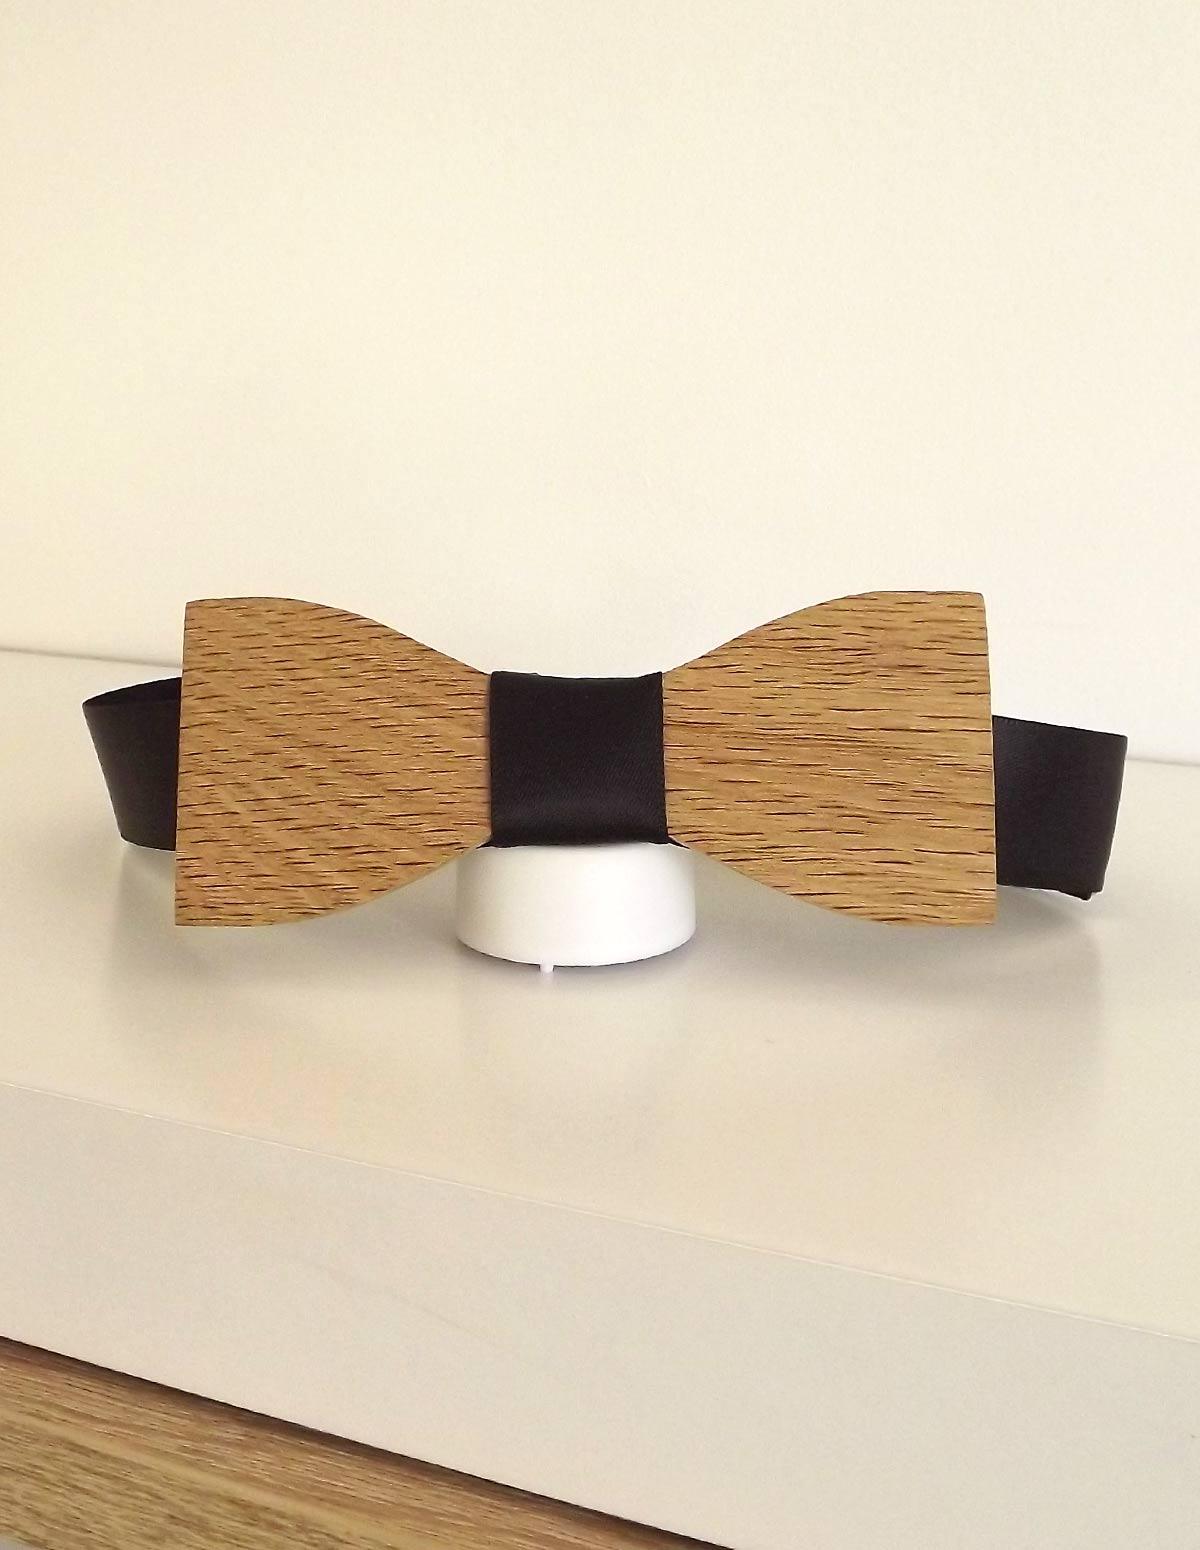 A l'occasion d'un mariage ou de votre mariage, porter un noeud papillon avec son costume pour apporter de l'élégance à sa tenue.